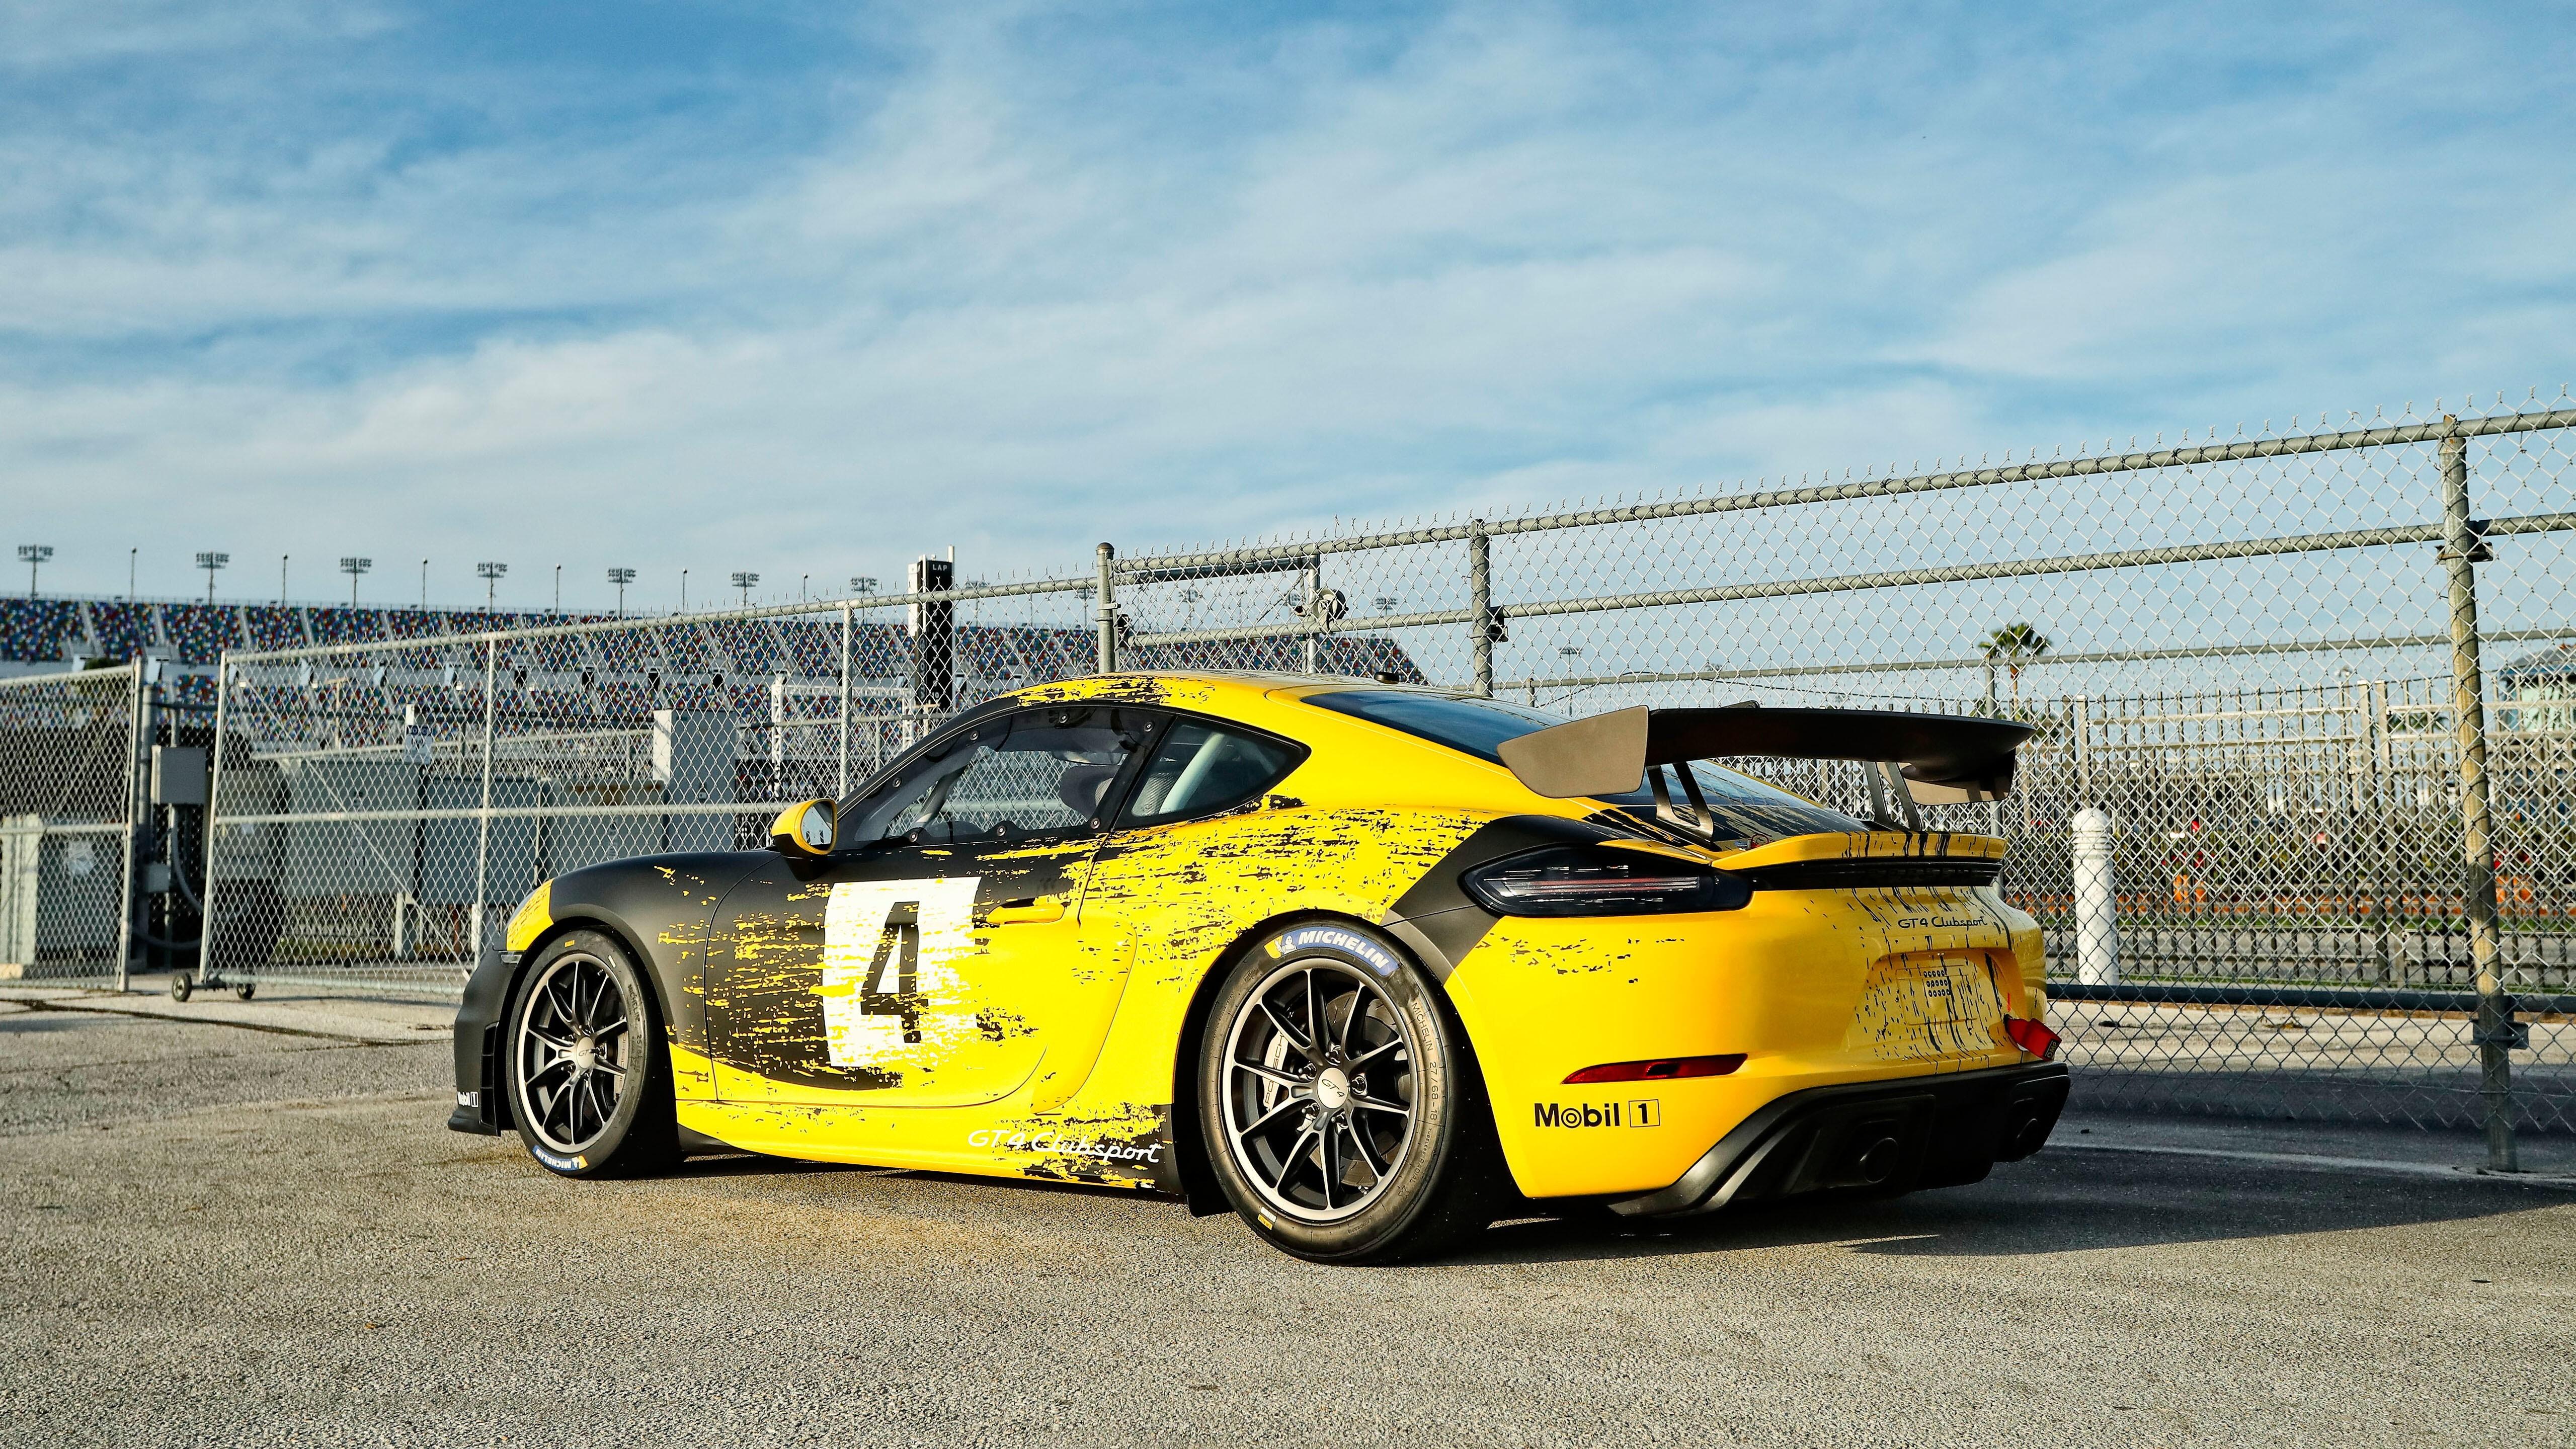 2019 Porsche 718 Cayman GT4 Clubsport 5K Car Wallpaper ...